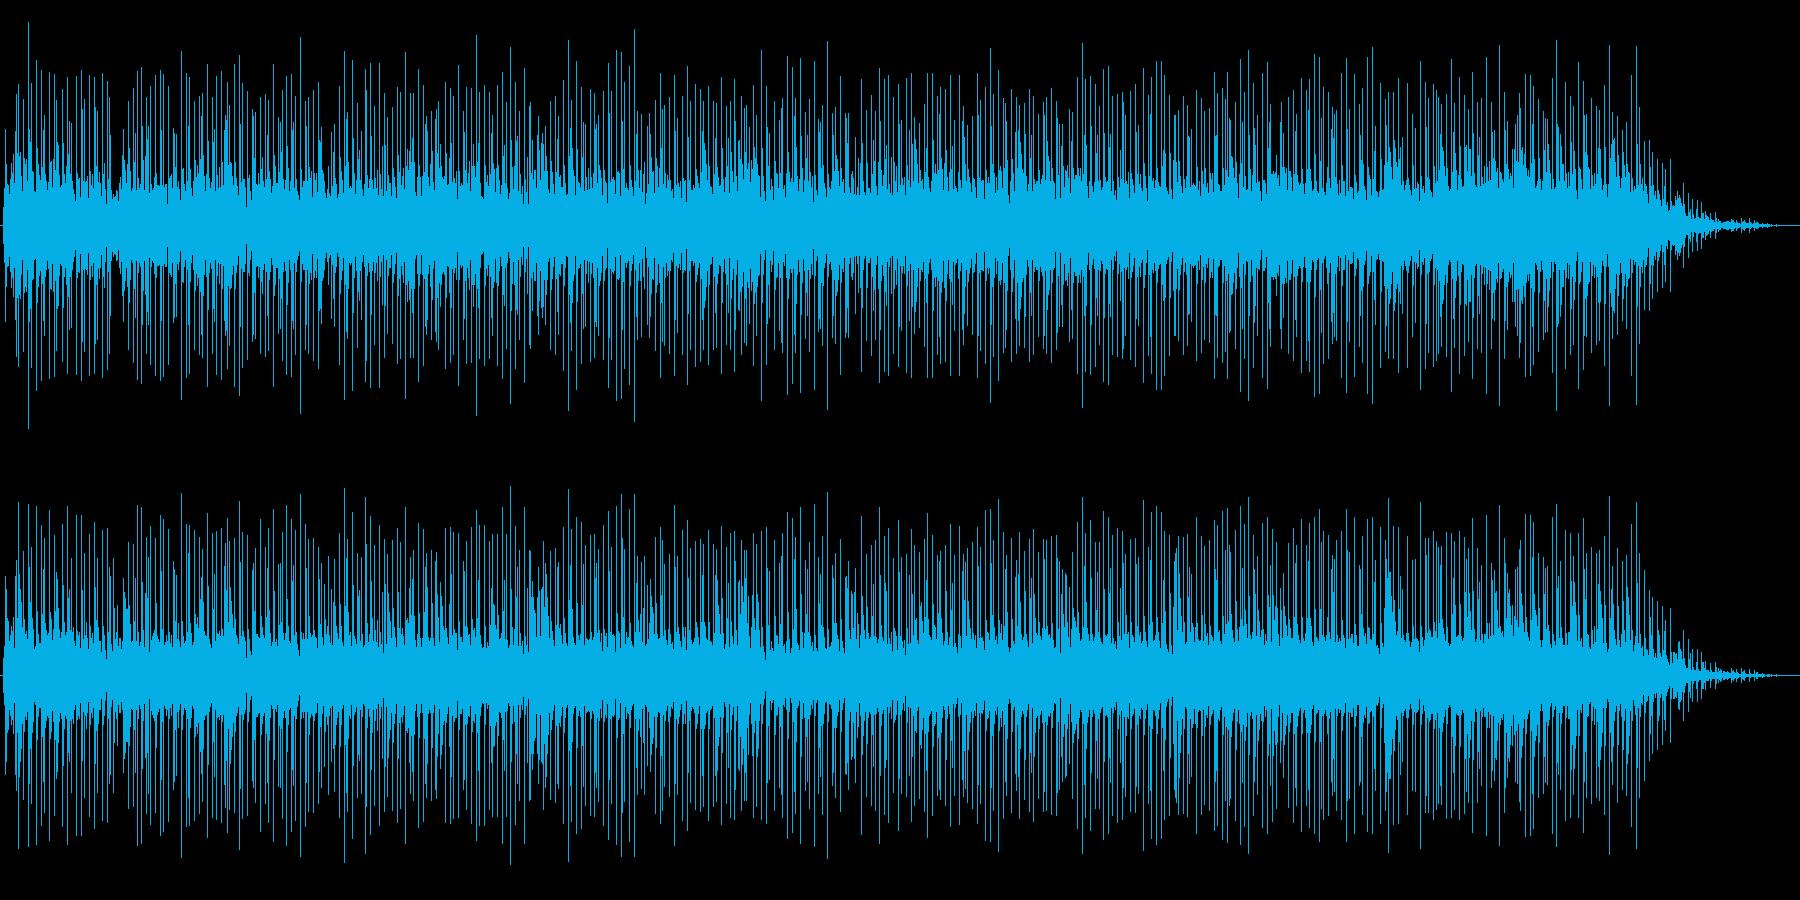 透明感のあるニューミュージックの再生済みの波形